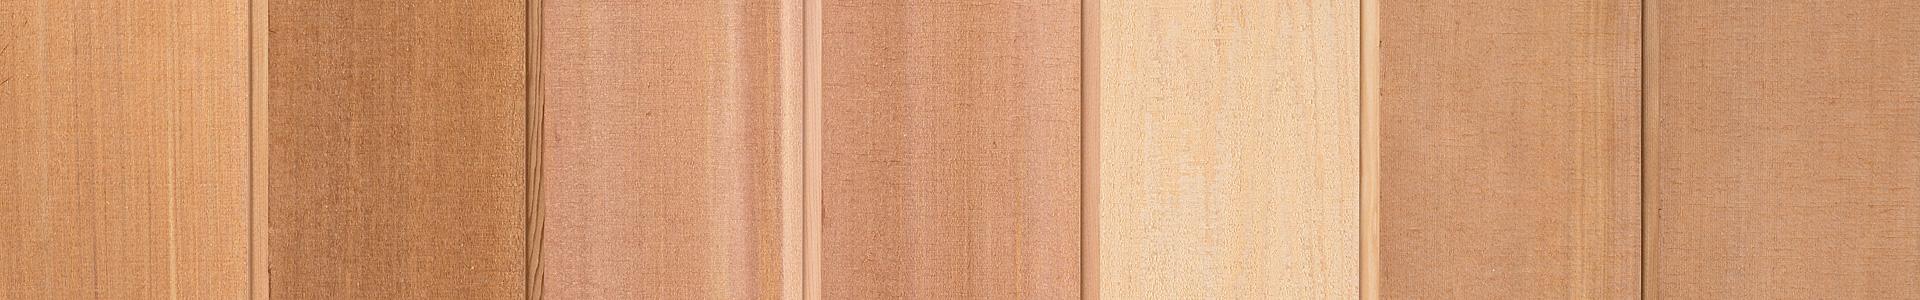 Nyhet! Rakkantad cederpanel, finsågad 17,5x140 mm, Kärnsund Wood Link